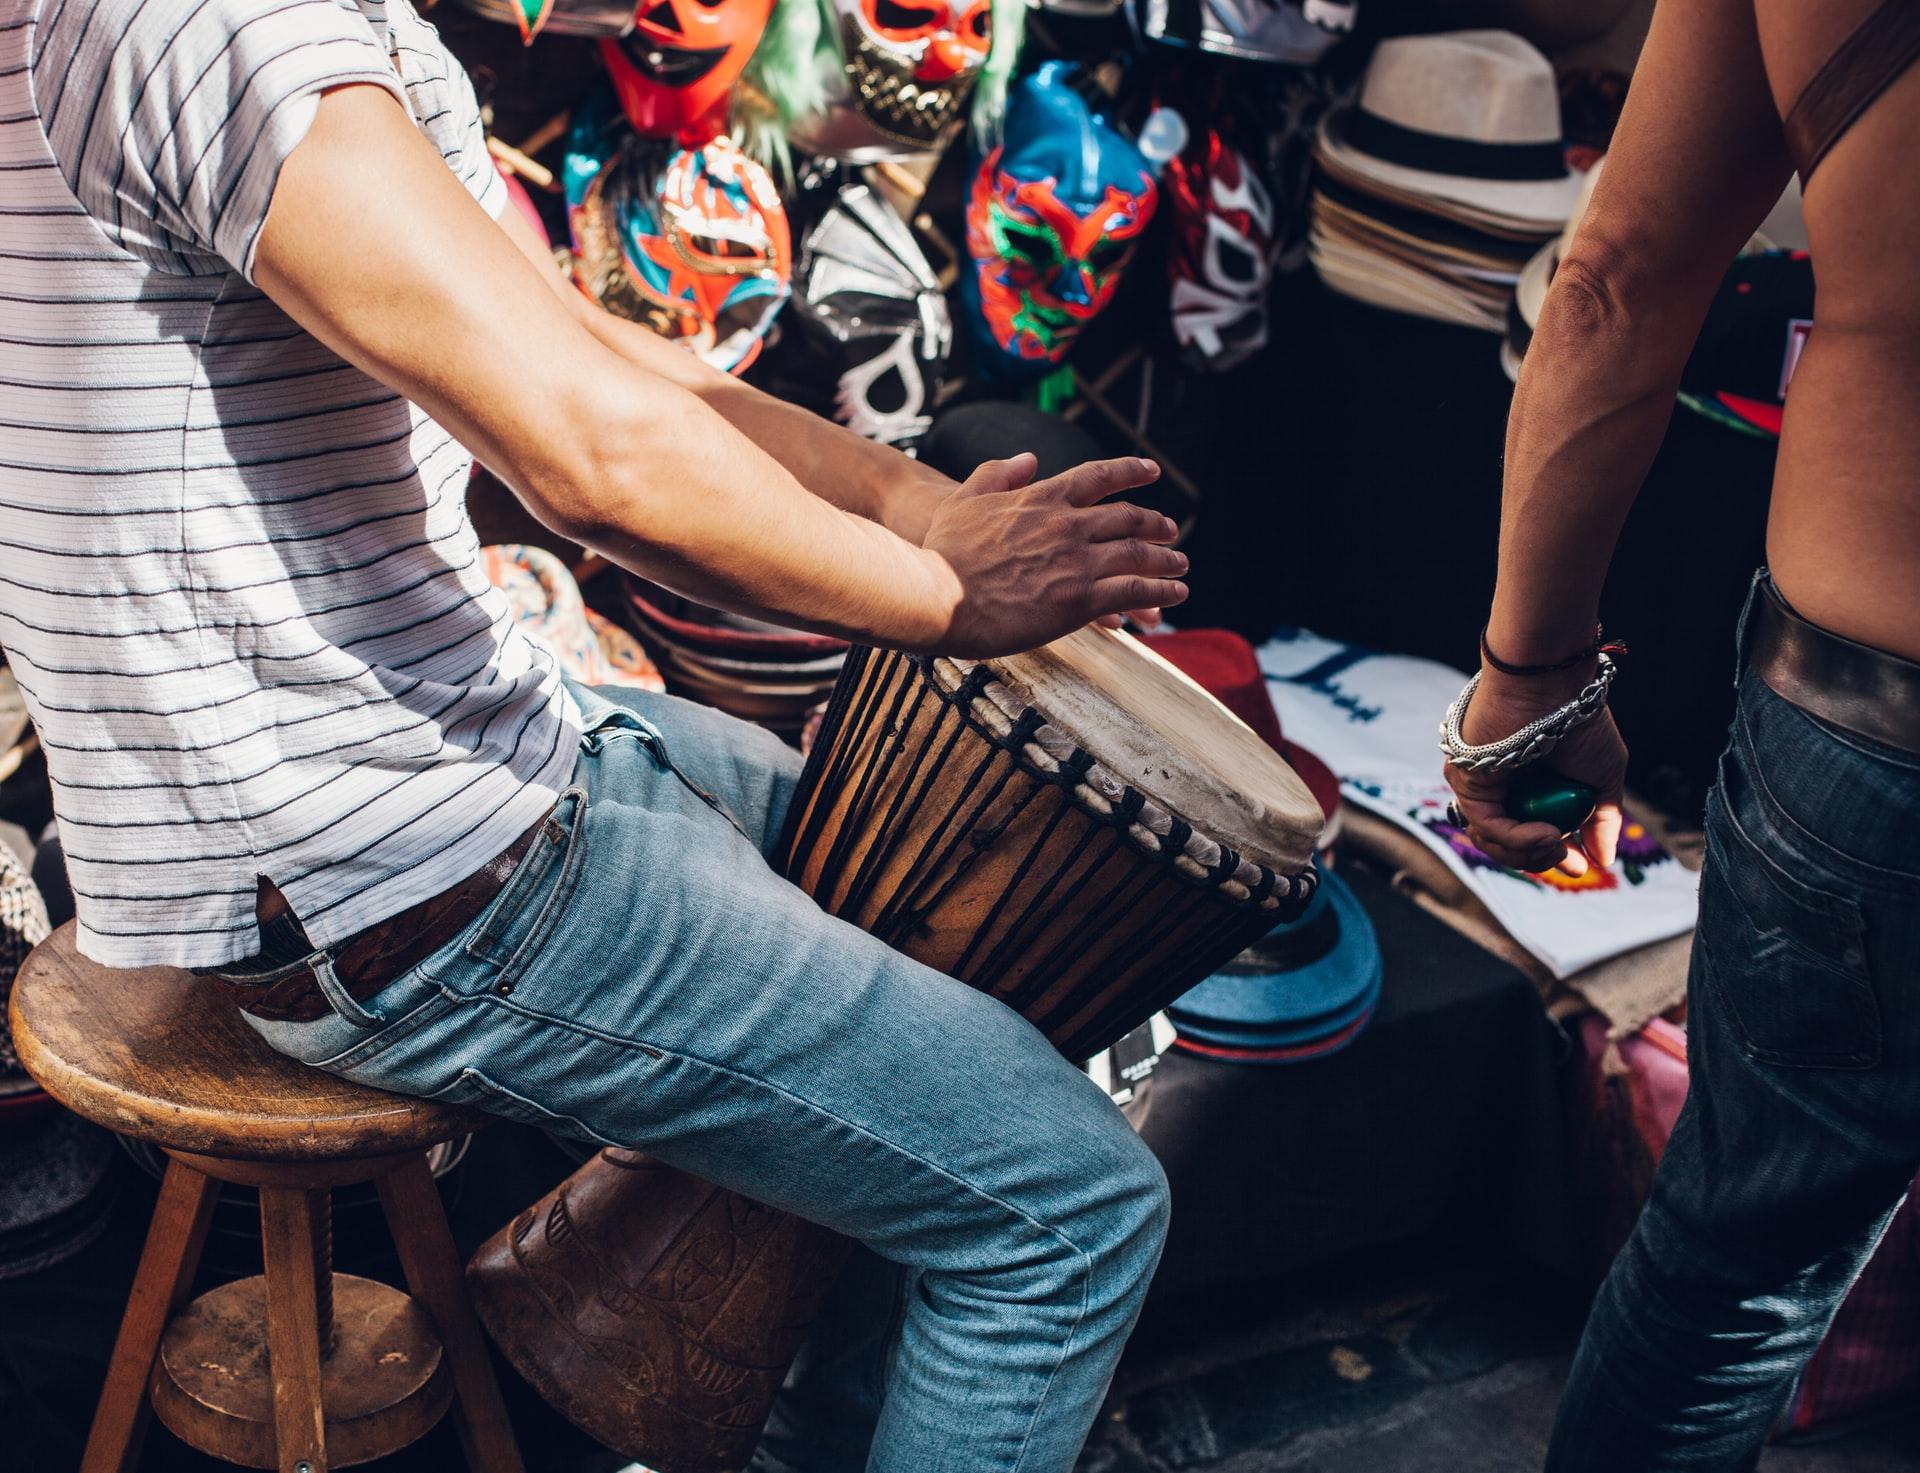 man playing on bongo